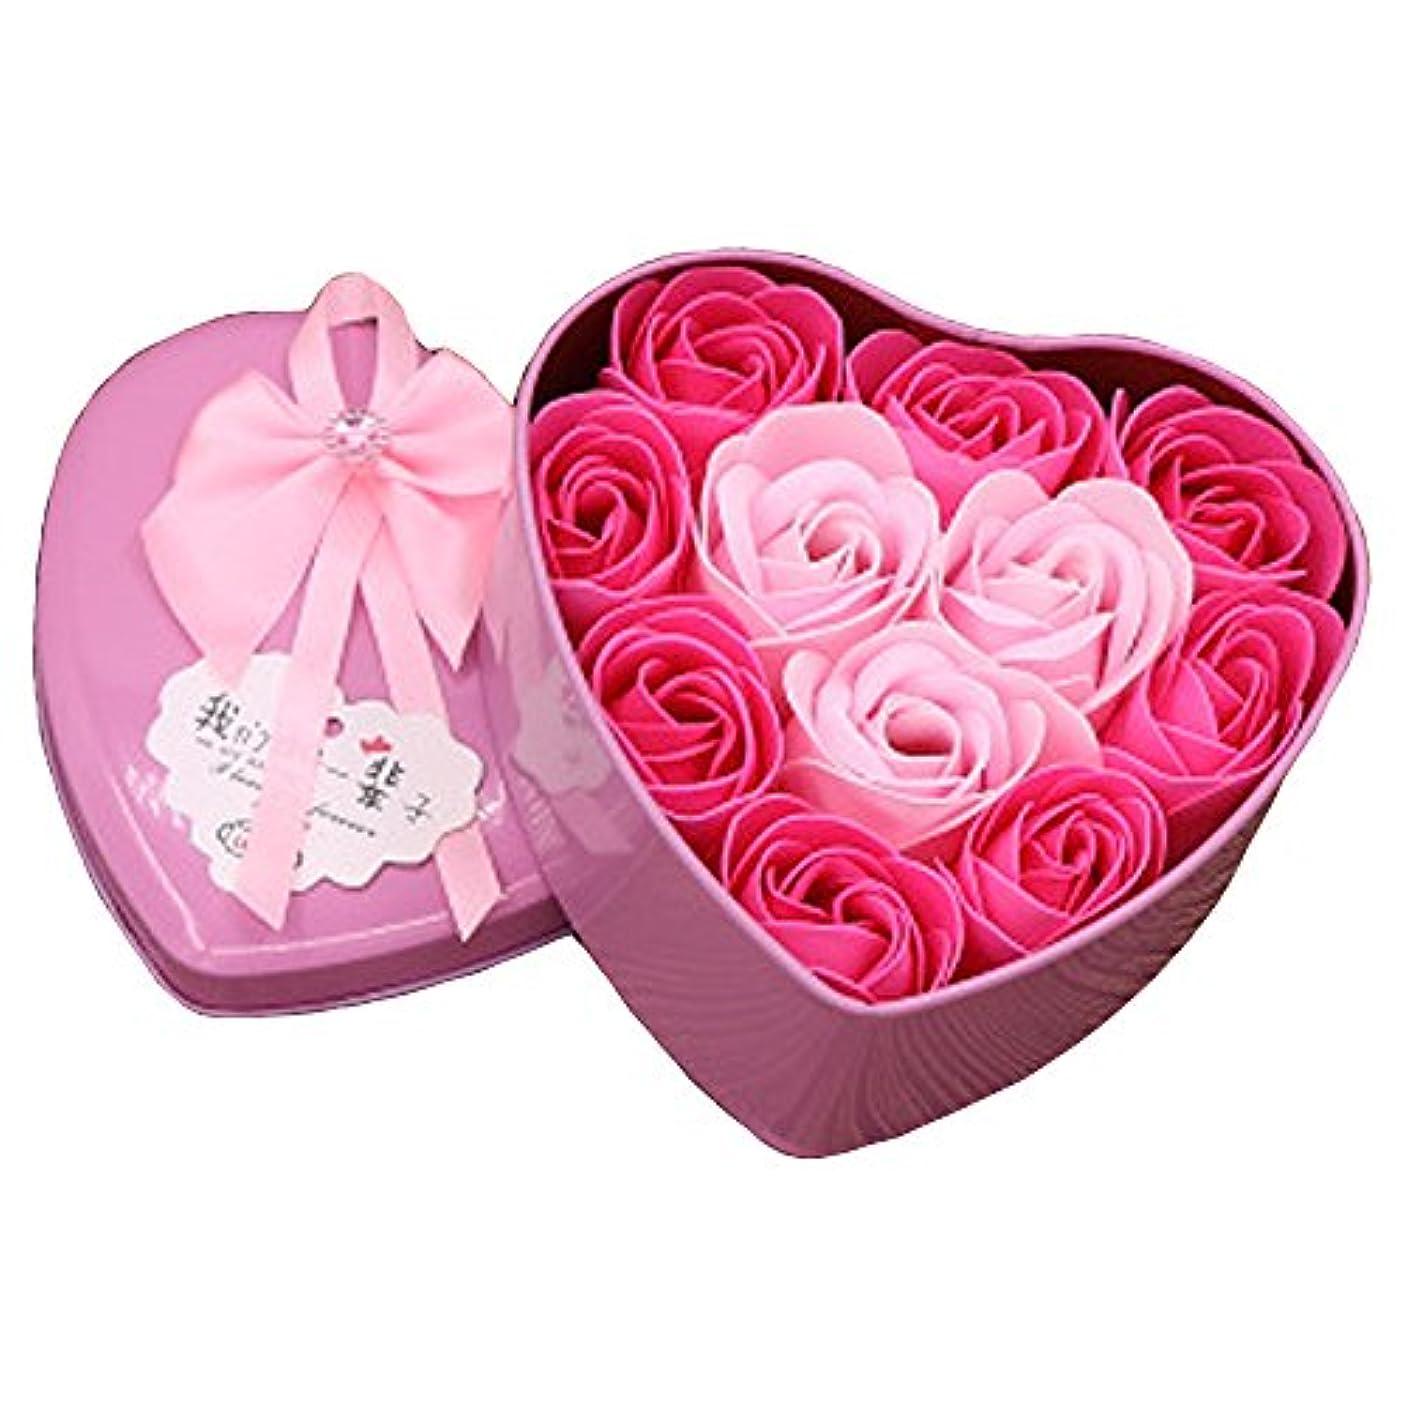 ピンポイント緊張食堂iCoole ソープフラワー 石鹸花 ハードフラワー形状 ギフトボックス入り 母の日 バレンタインデー お誕生日 ギフト